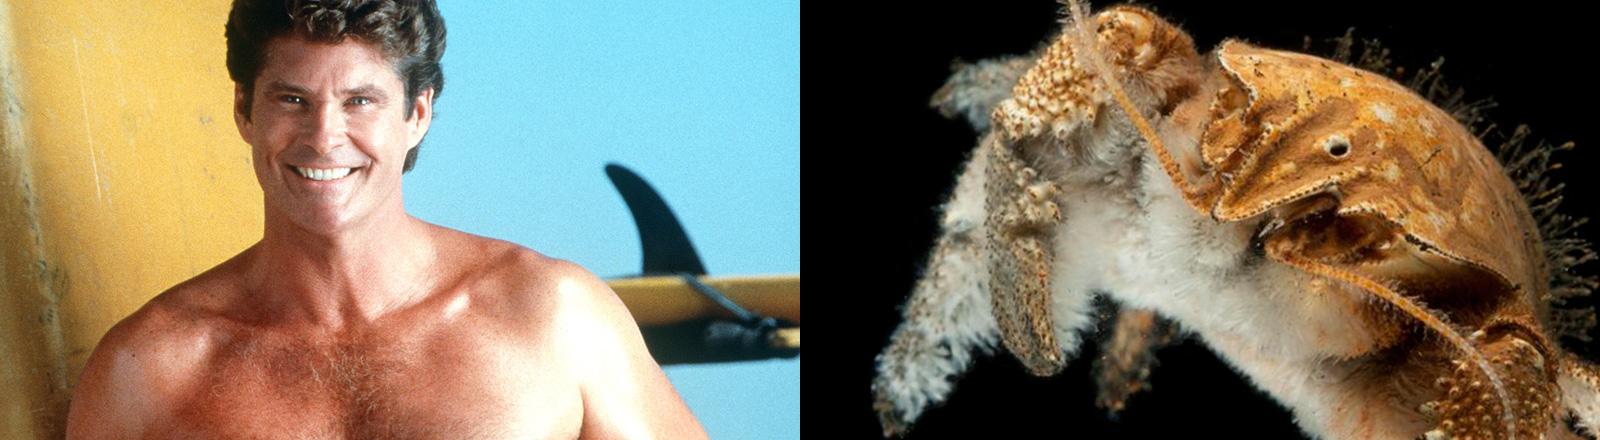 Zwei Fotos. Das eine zeigt David Hasselhoff mit beharrter Brust, das andere die David-Hasselhoff-Krabbe; Foto: dpa | David Shale